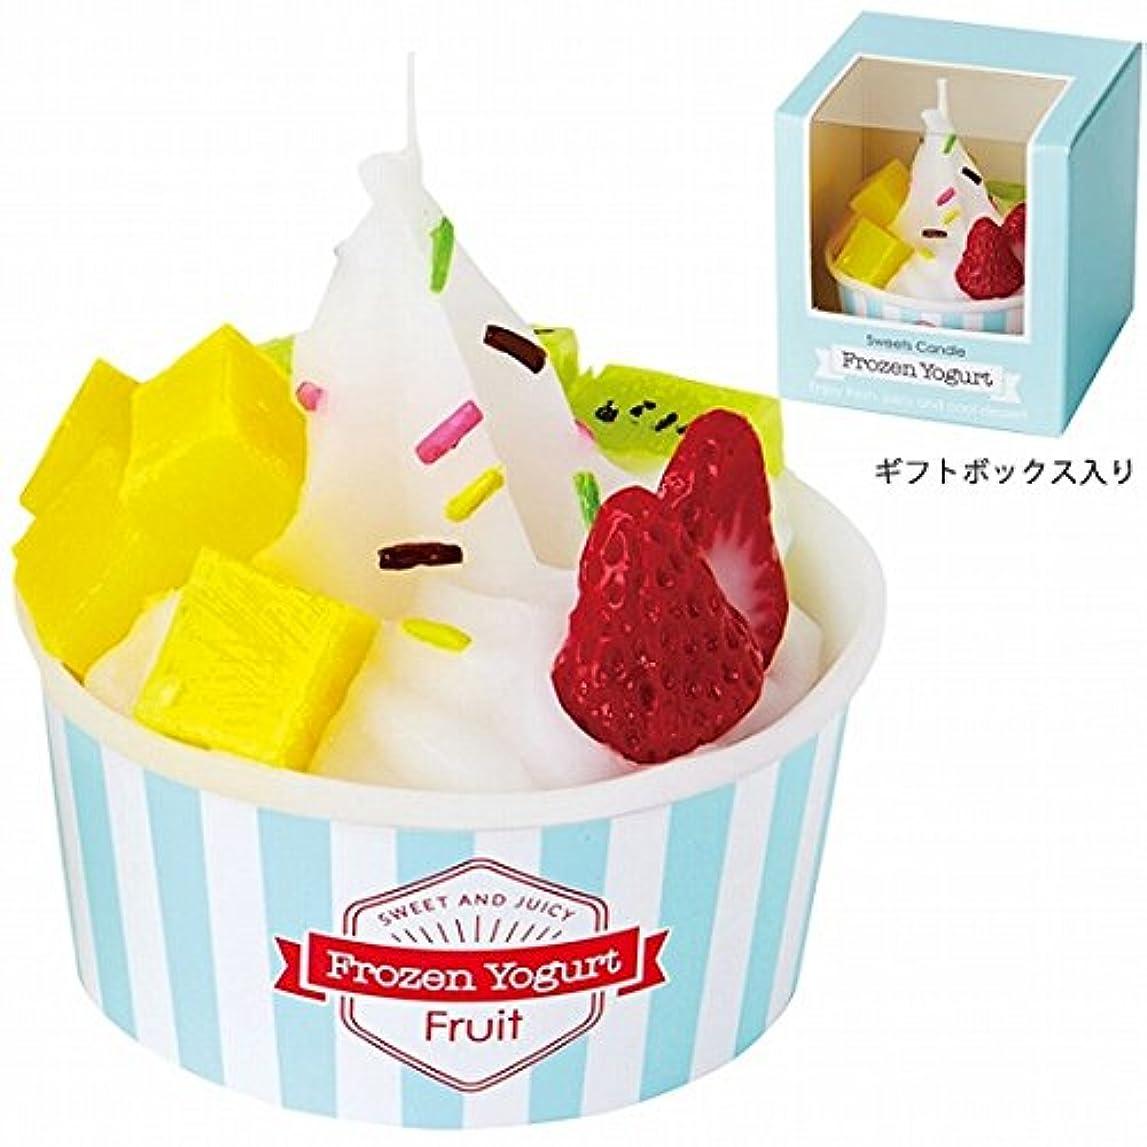 露セイはさておきエレクトロニックkameyama candle(カメヤマキャンドル) フローズンヨーグルトキャンドル 「フルーツ」 4個セット(A4670520)